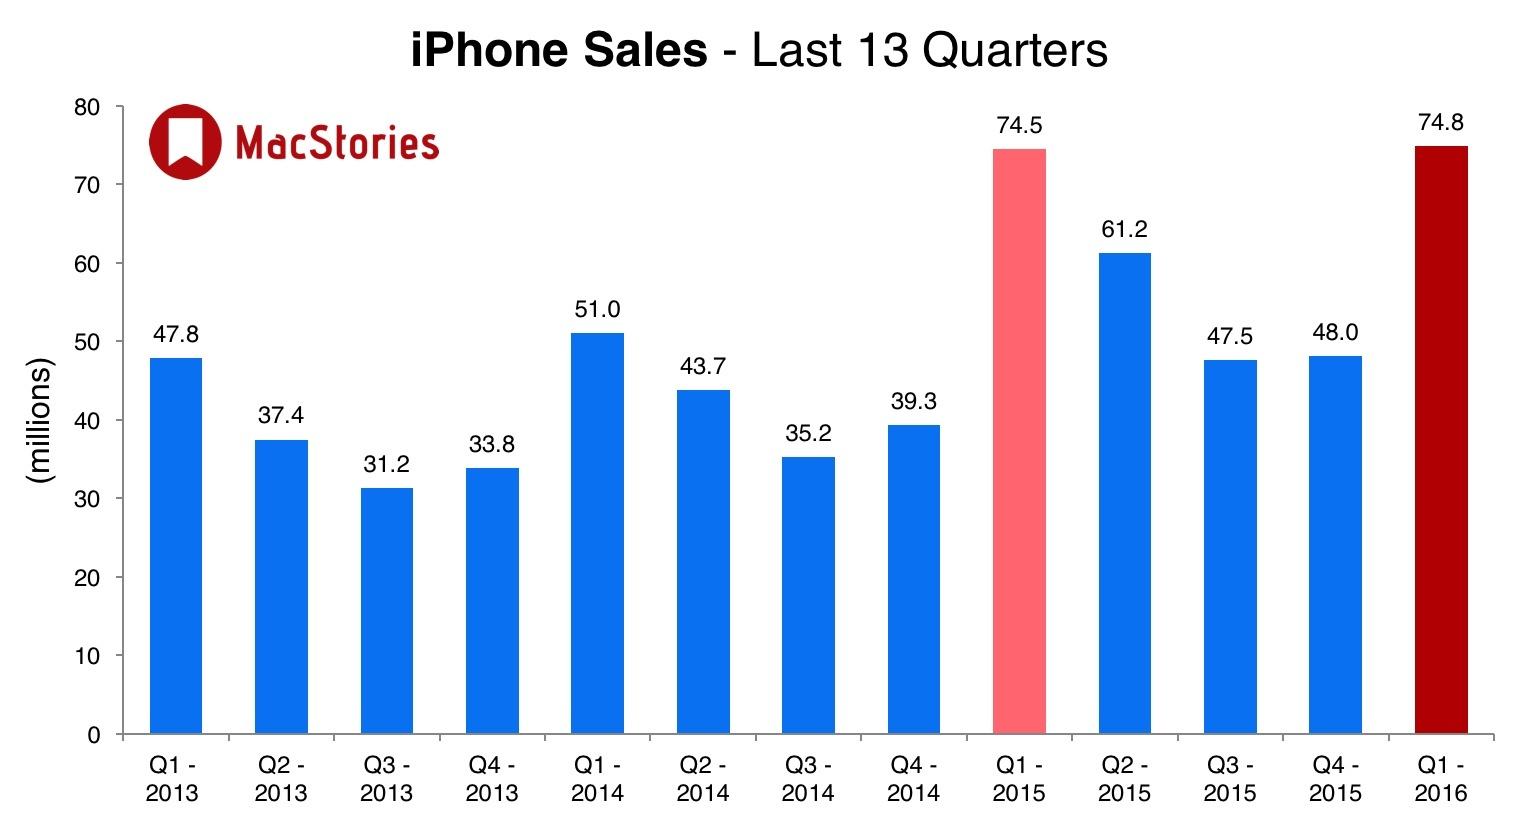 iPhone sales, Q1 2016